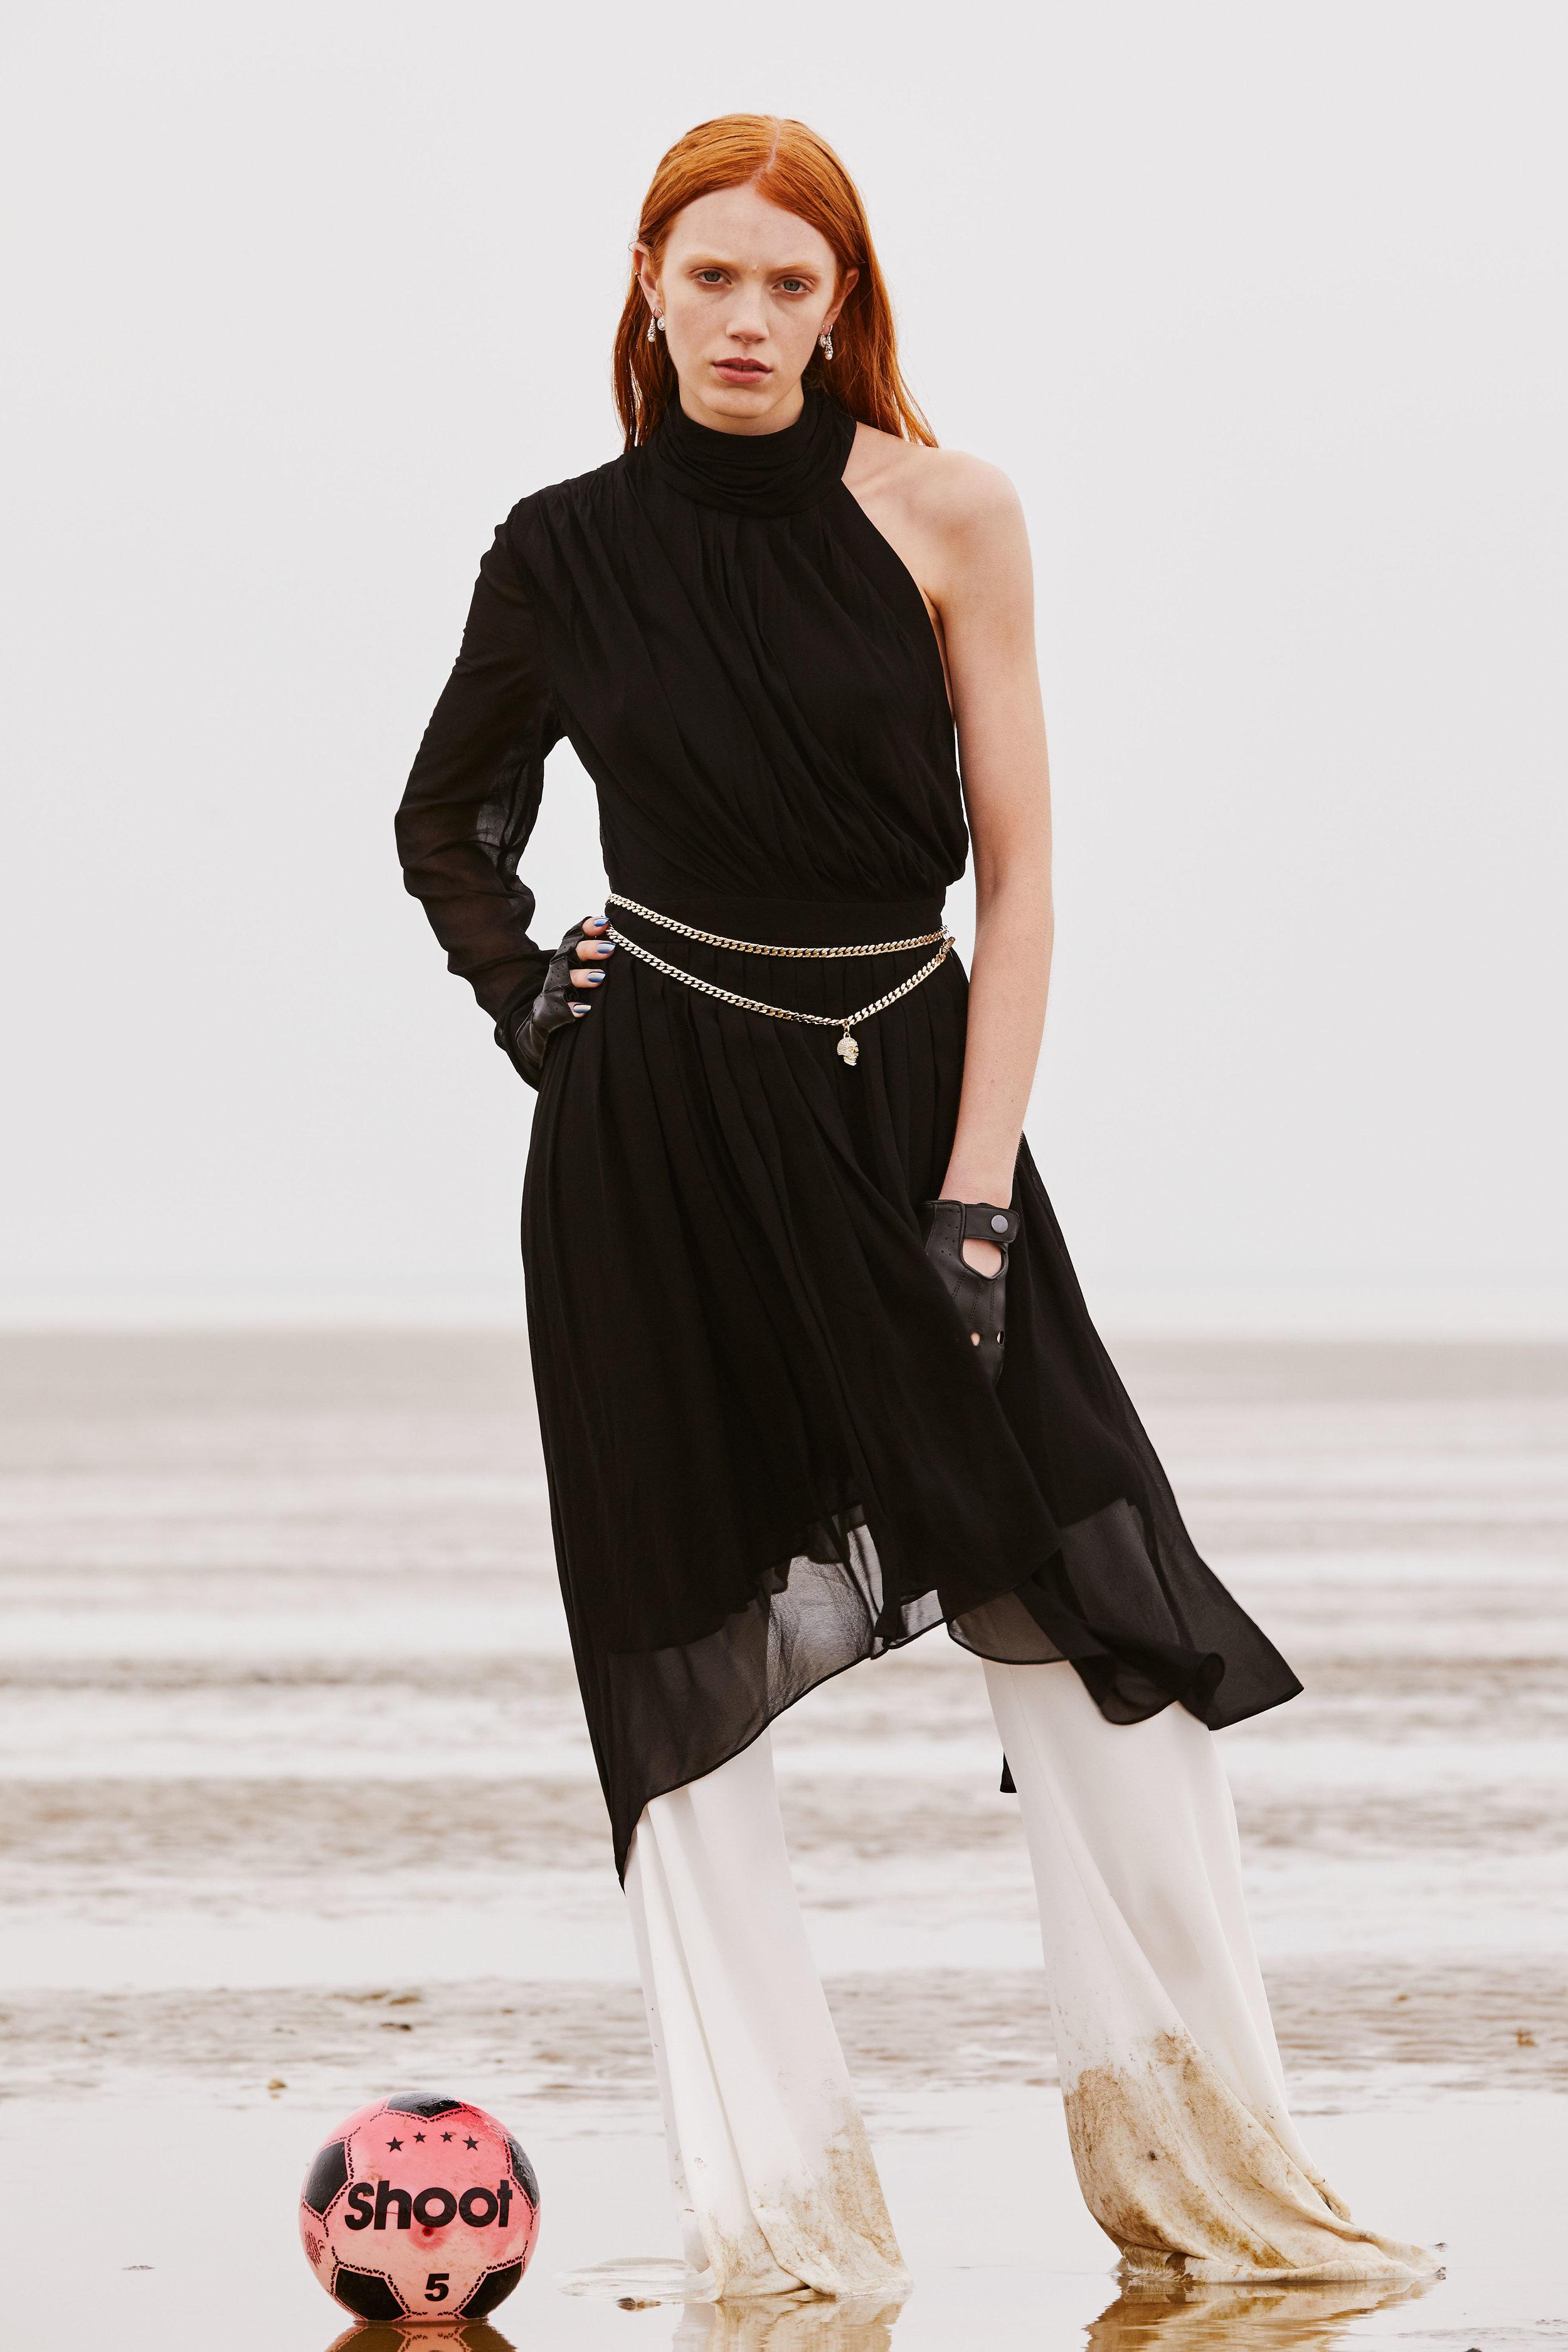 Vestido de  LA MANIA , pantalón y guantes de  DSQUARED2 , cinturón de  PHILIPP PLEIN  y pendientes de  CLOGAU .